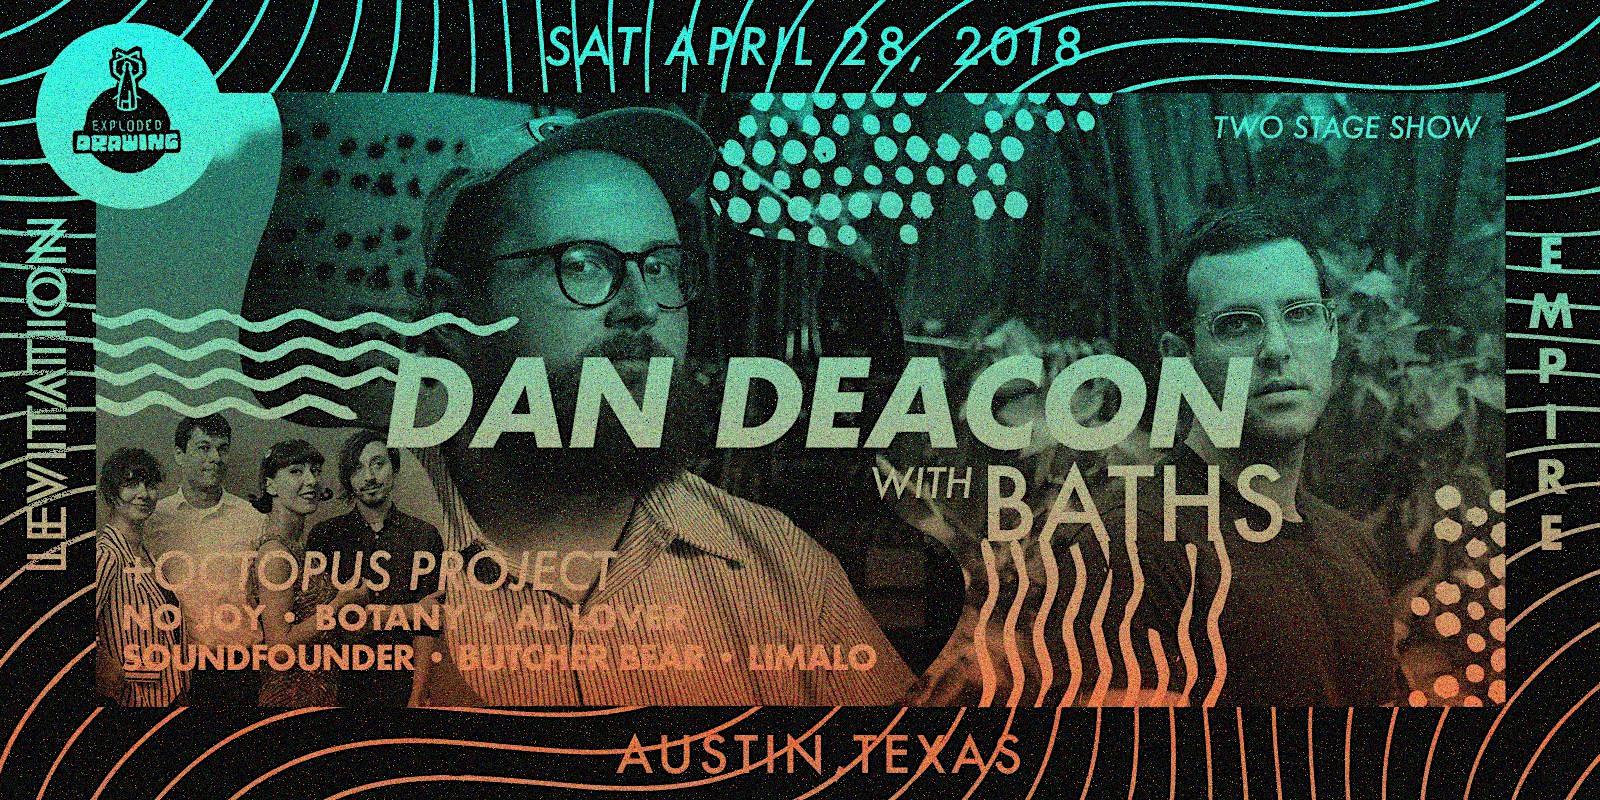 Dan Deacon, Baths, Octopus Project, No Joy, Botany, Al Lover + more